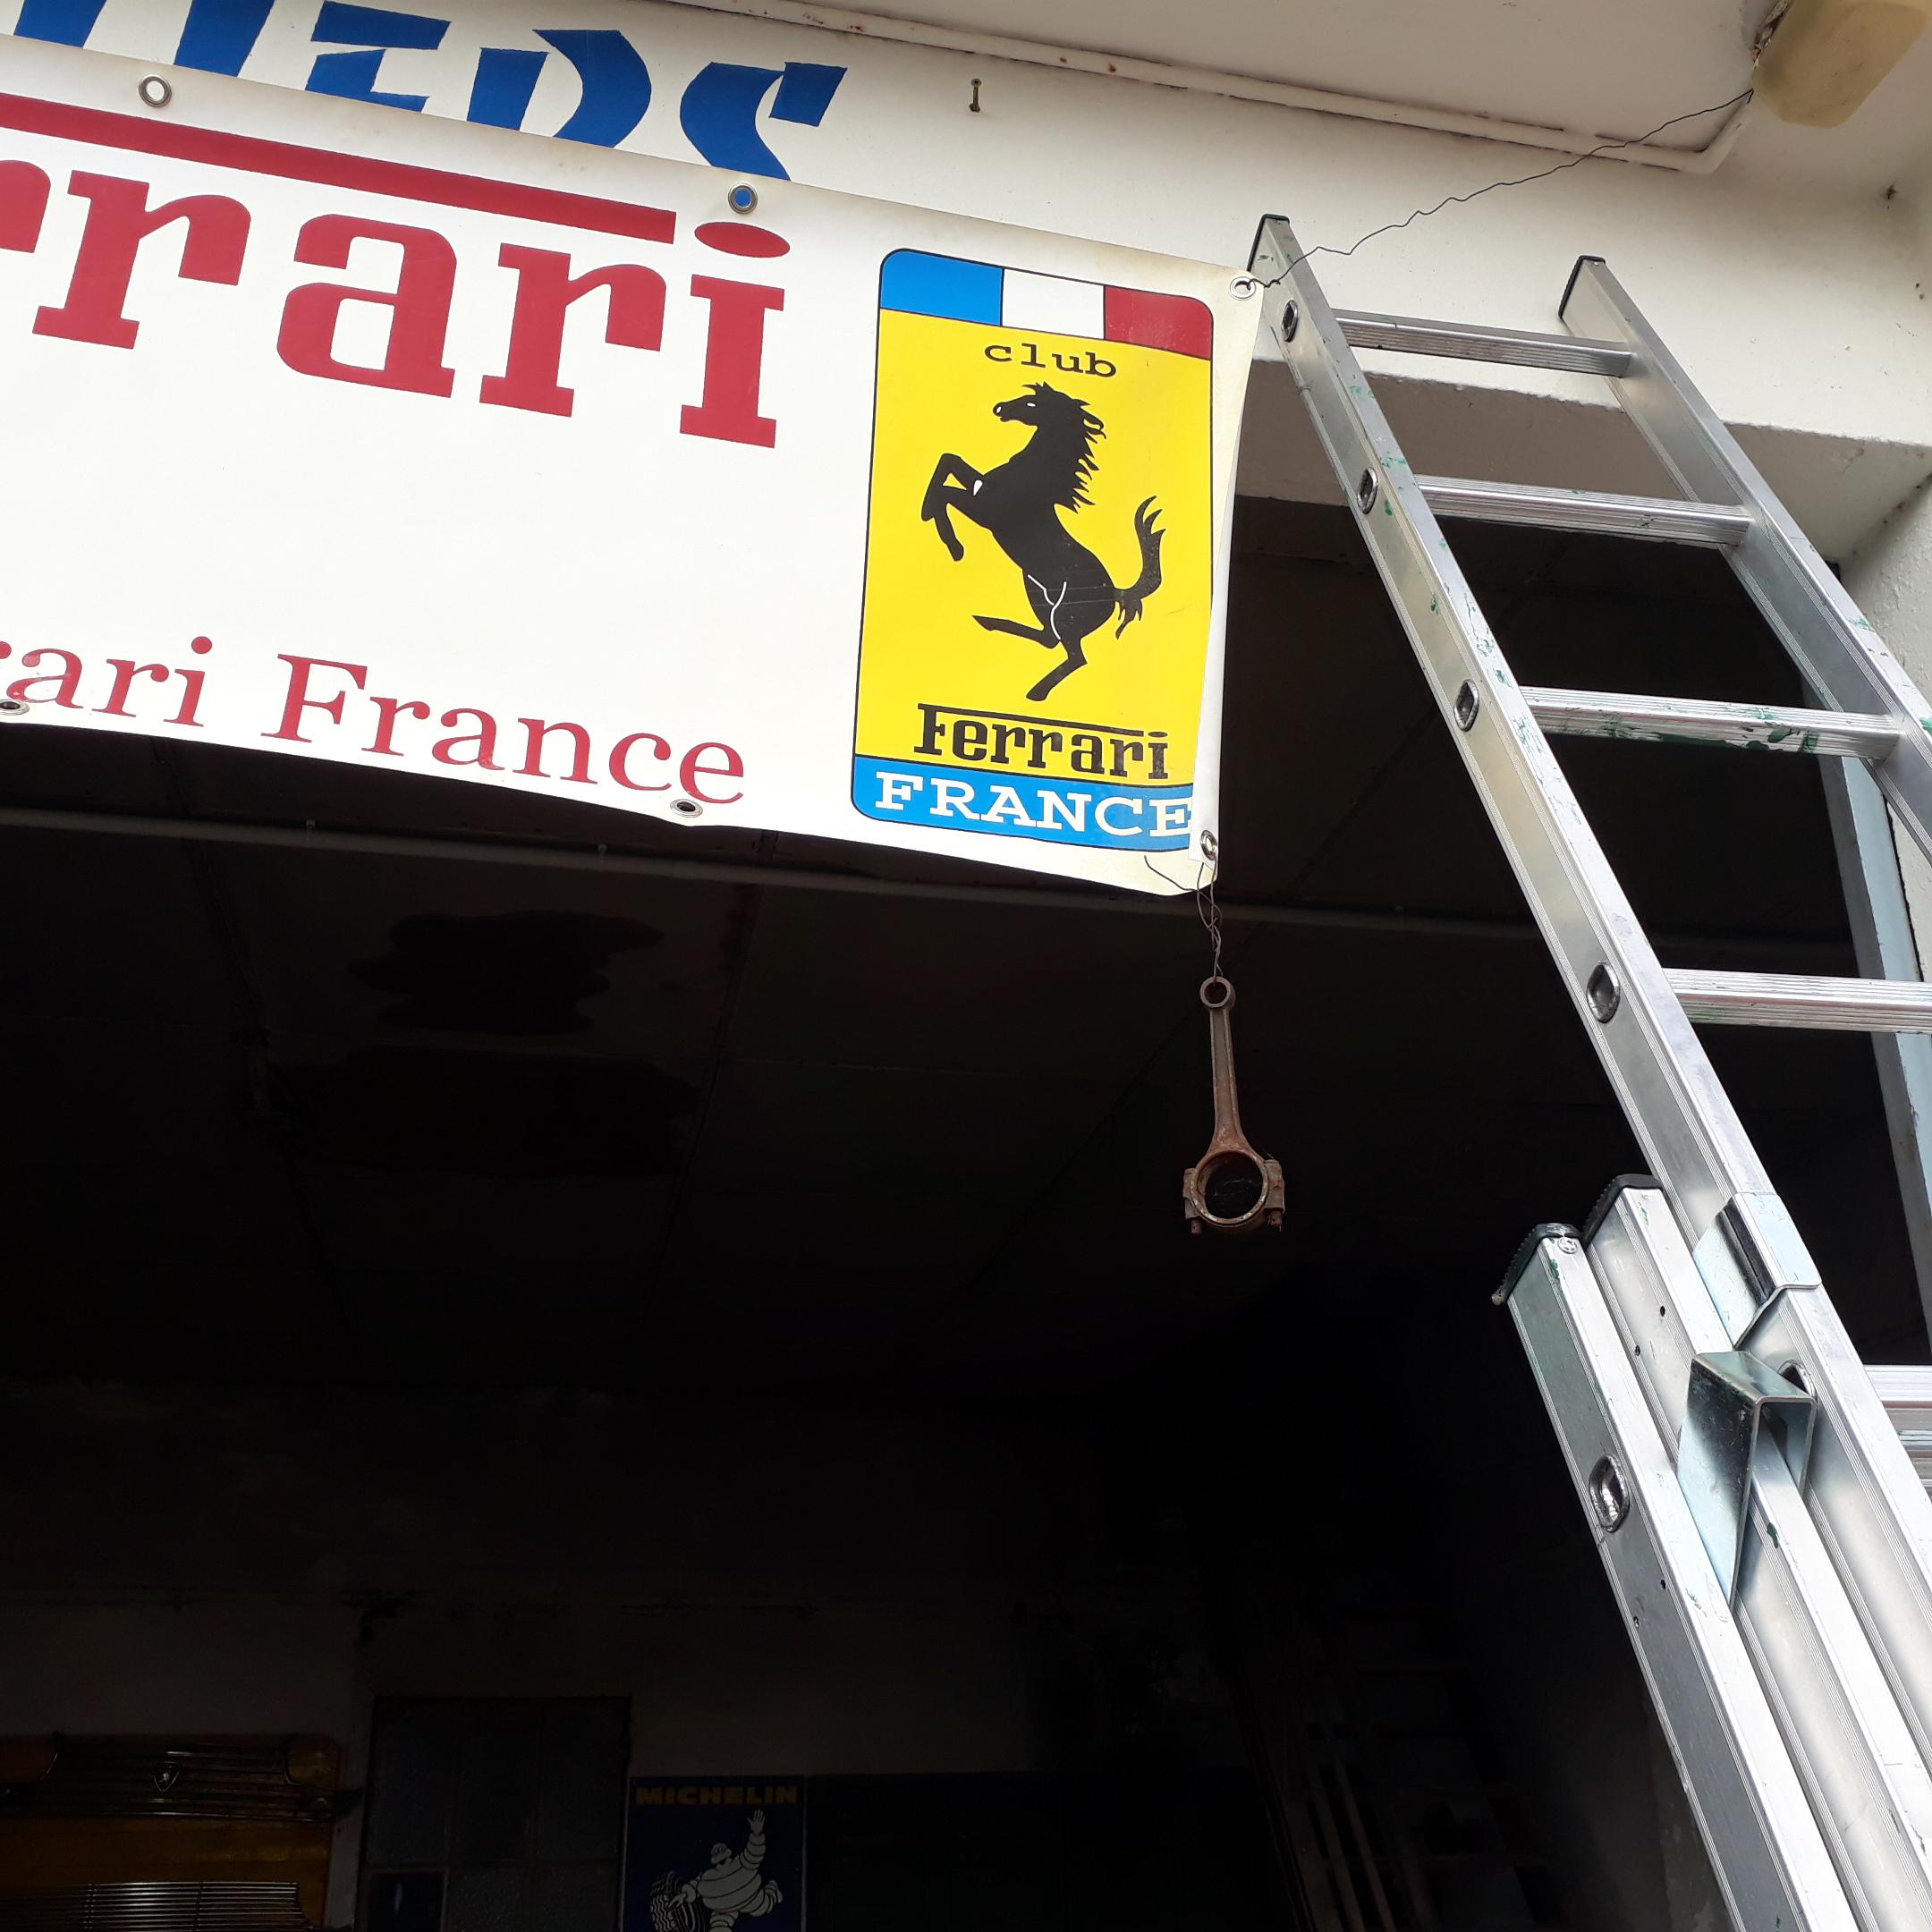 club ferrari france  u00e0 bel air